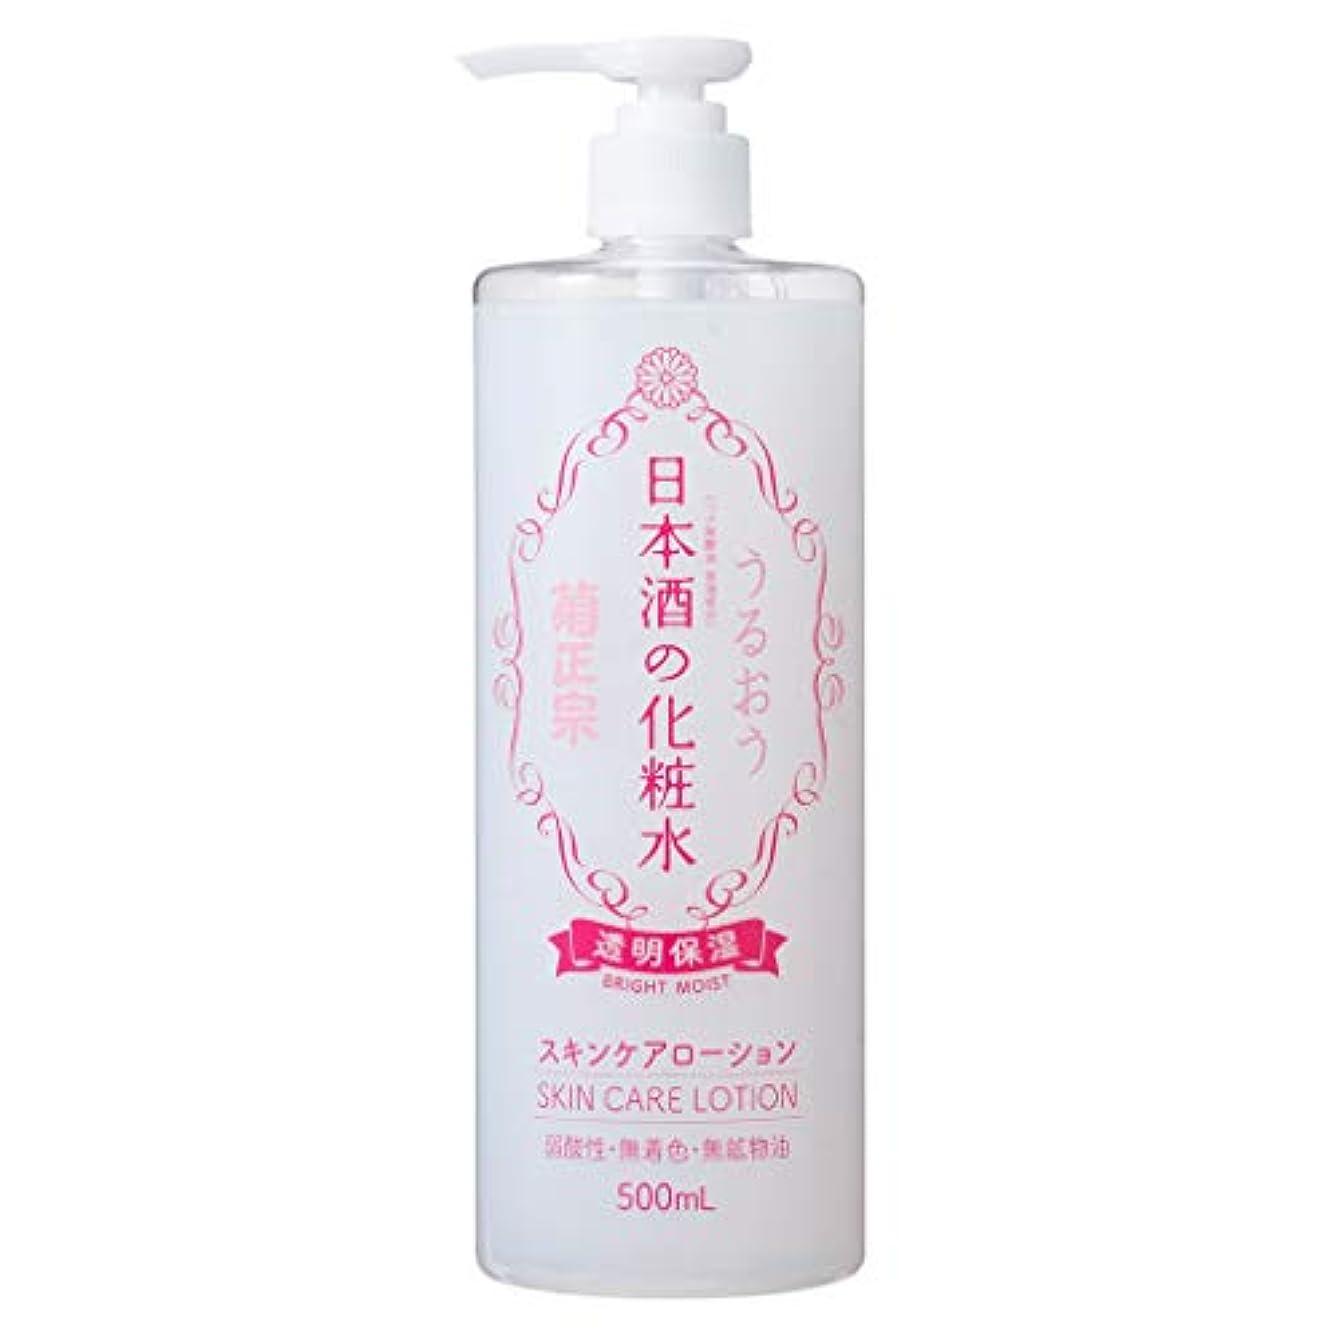 品種貴重な雑草菊正宗 日本酒の化粧水 透明保湿 500ml ビタミン